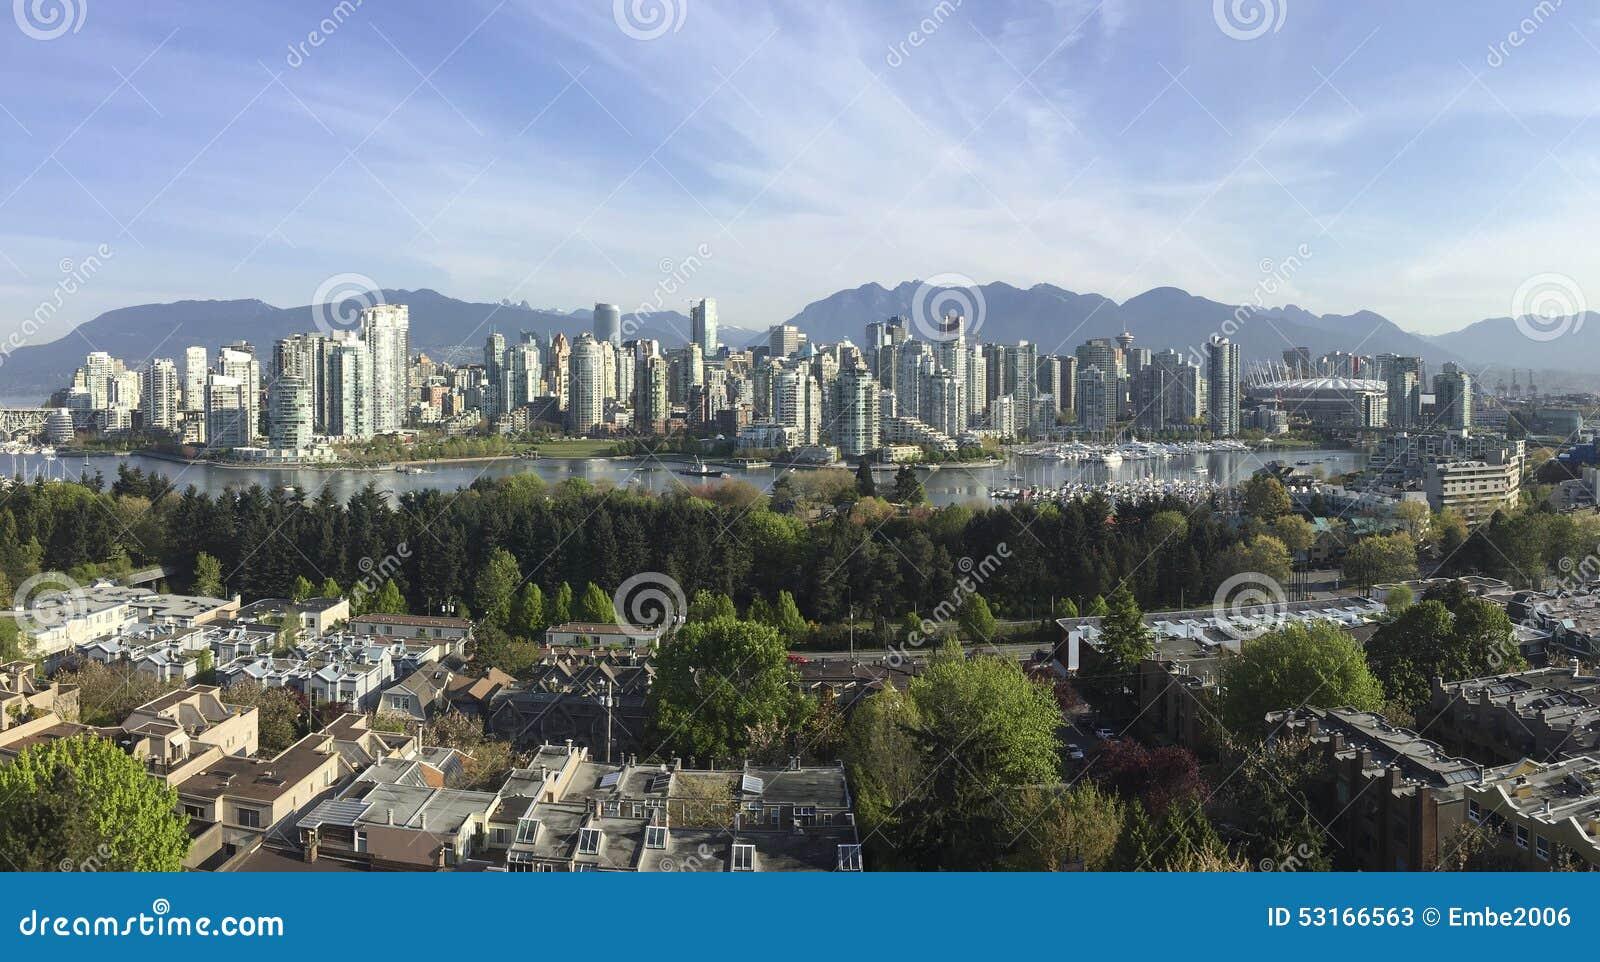 Vancouver city buildings